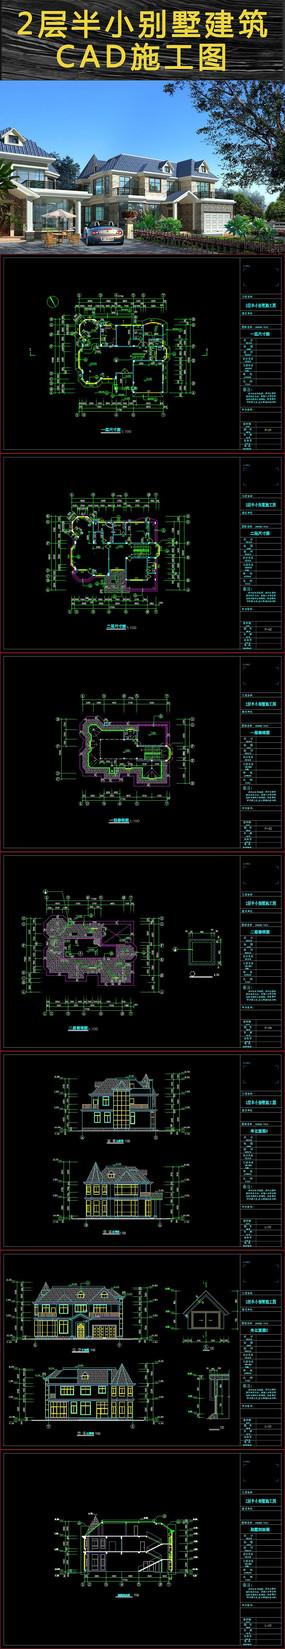 2层半小别墅建筑CAD施工图+效果图